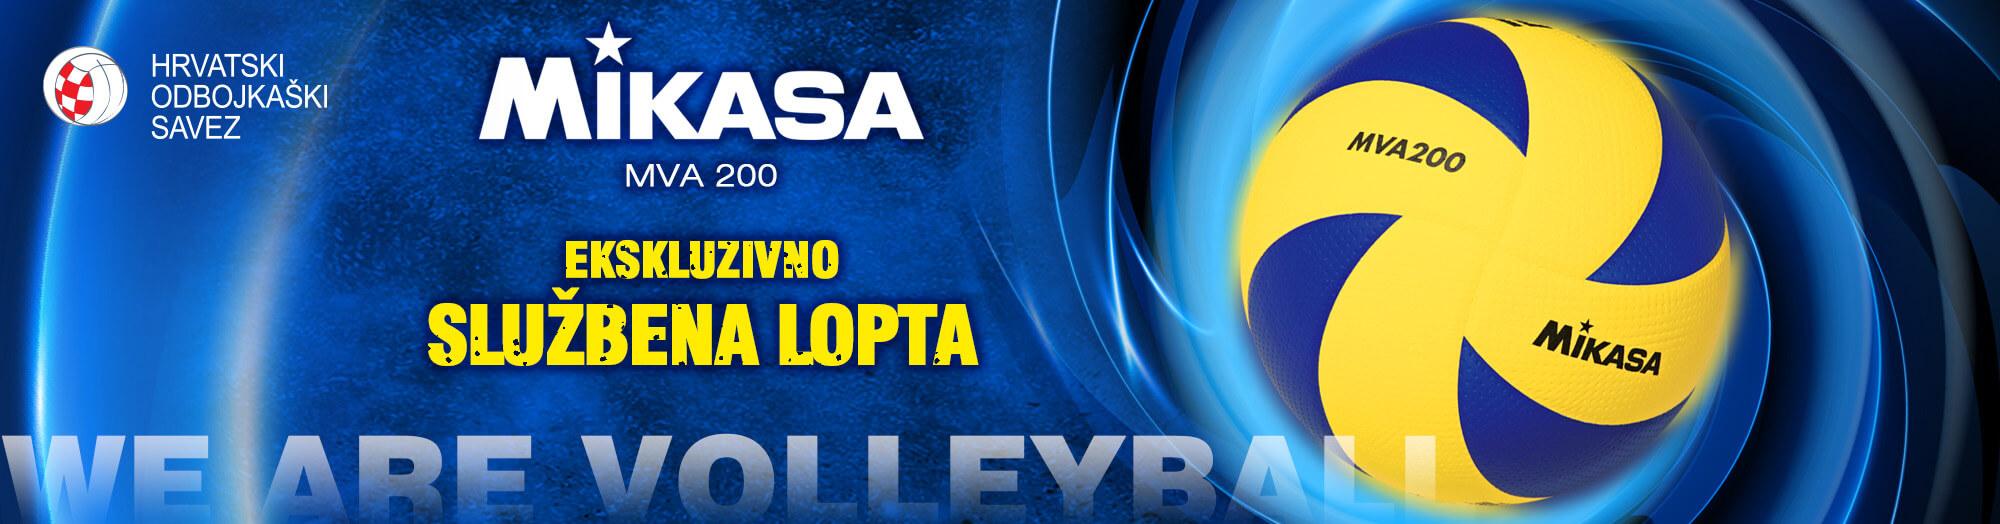 MIKASA MVA200 – službena lopta Hrvatskog Odbojkaškog saveza